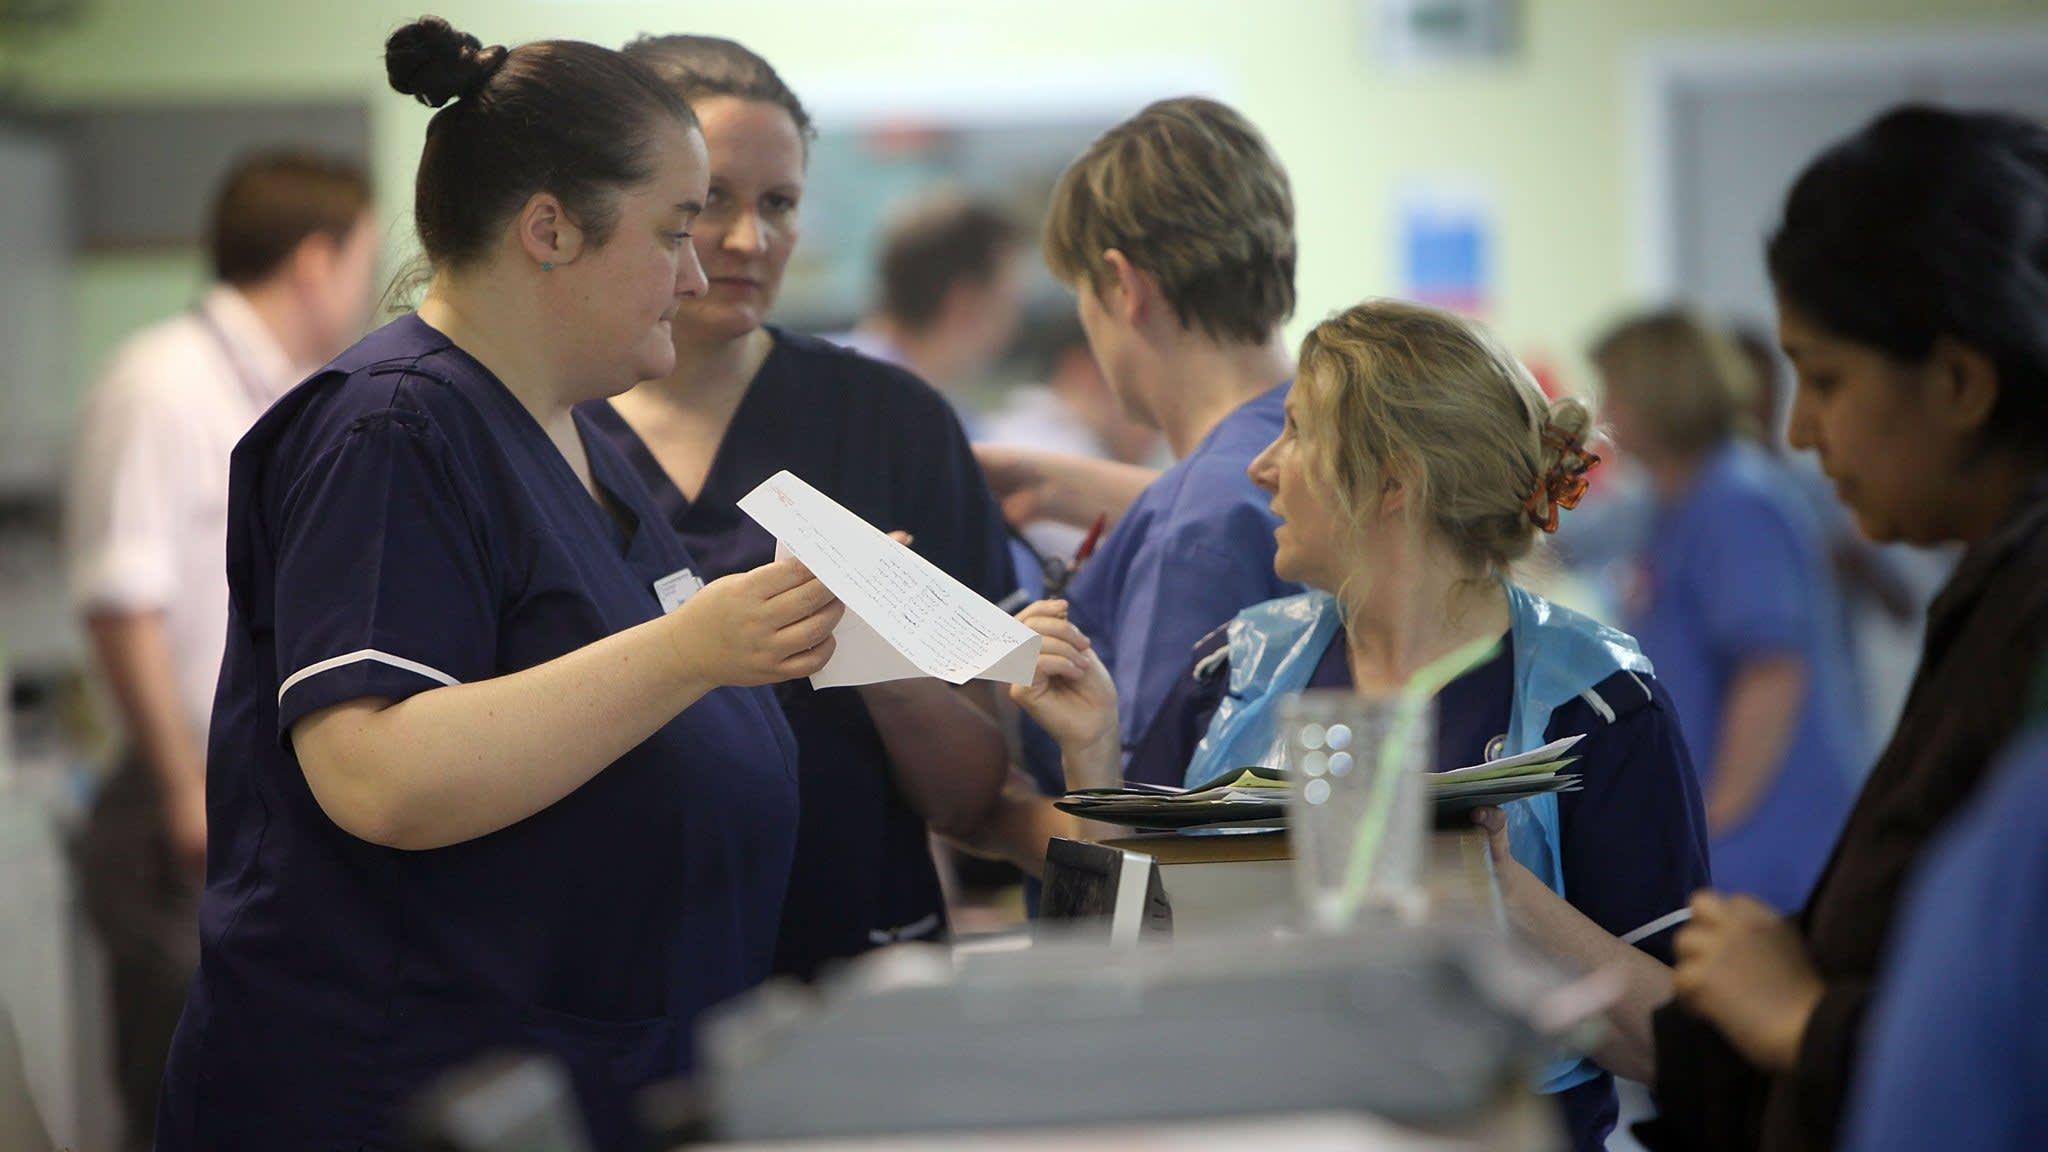 Britain faces nursing shortfall as EU recruits stay away